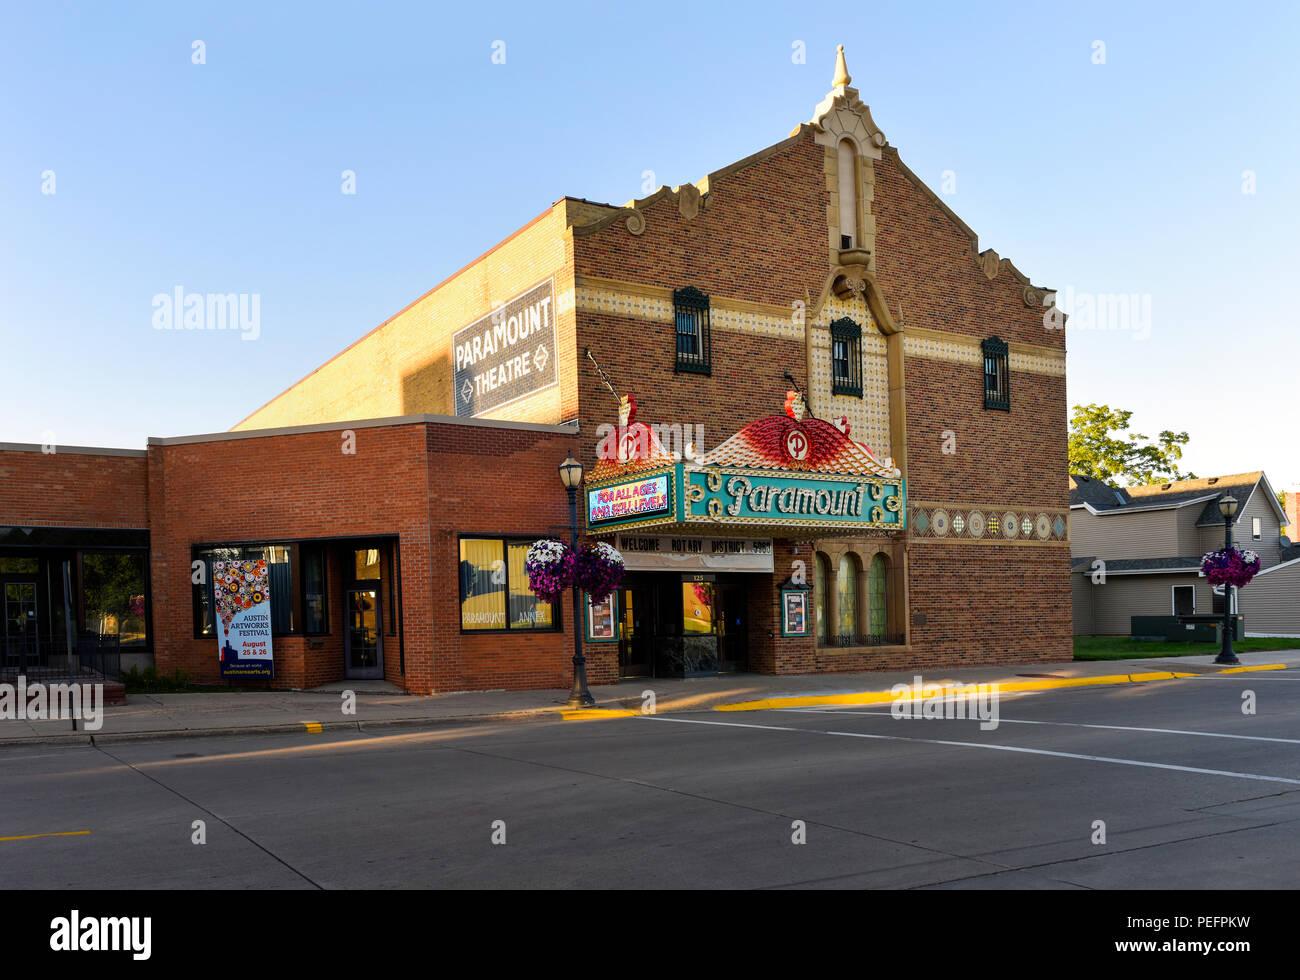 The Paramount Theater on main street in Austin, Minnesota - Stock Image